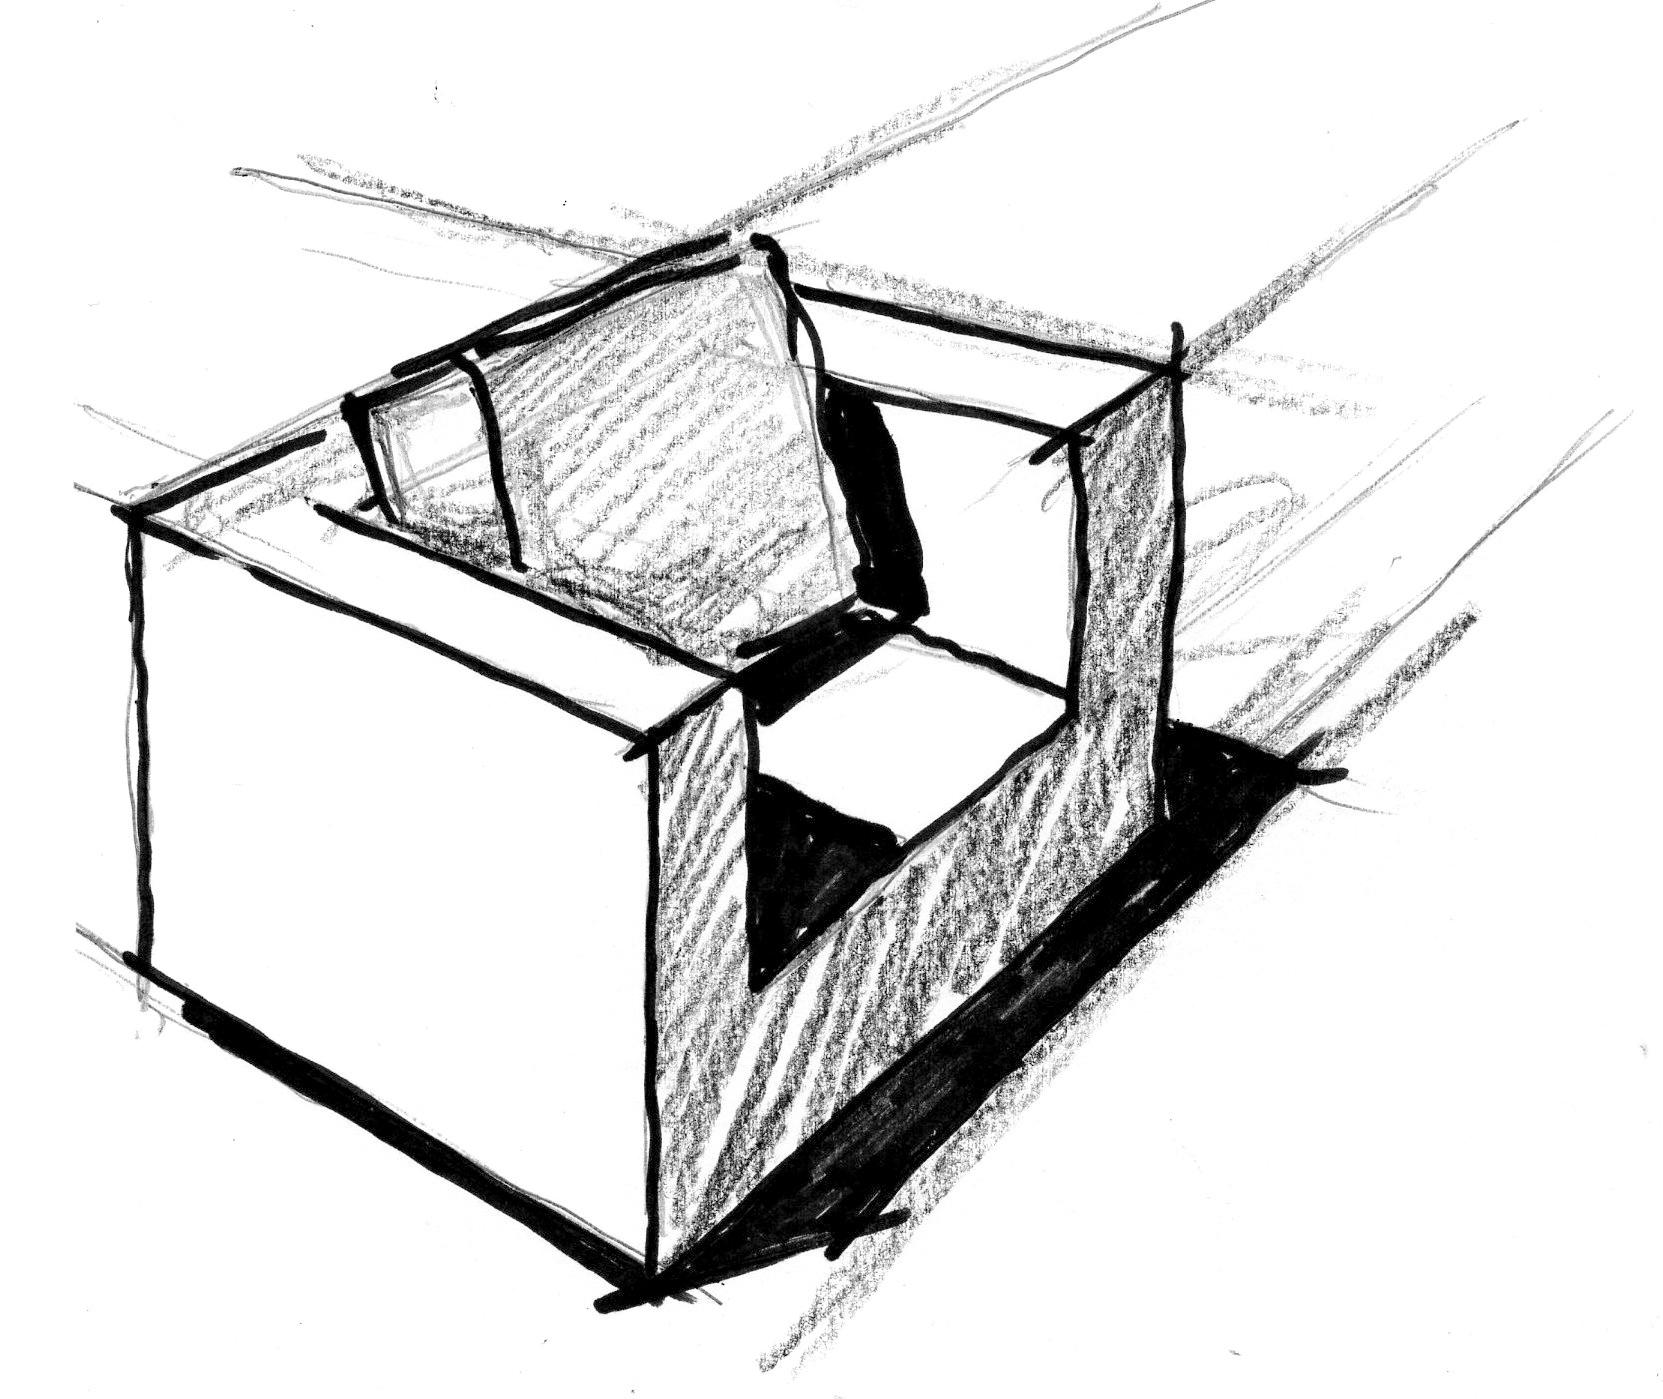 Sessel skizze  Pressematerial zu